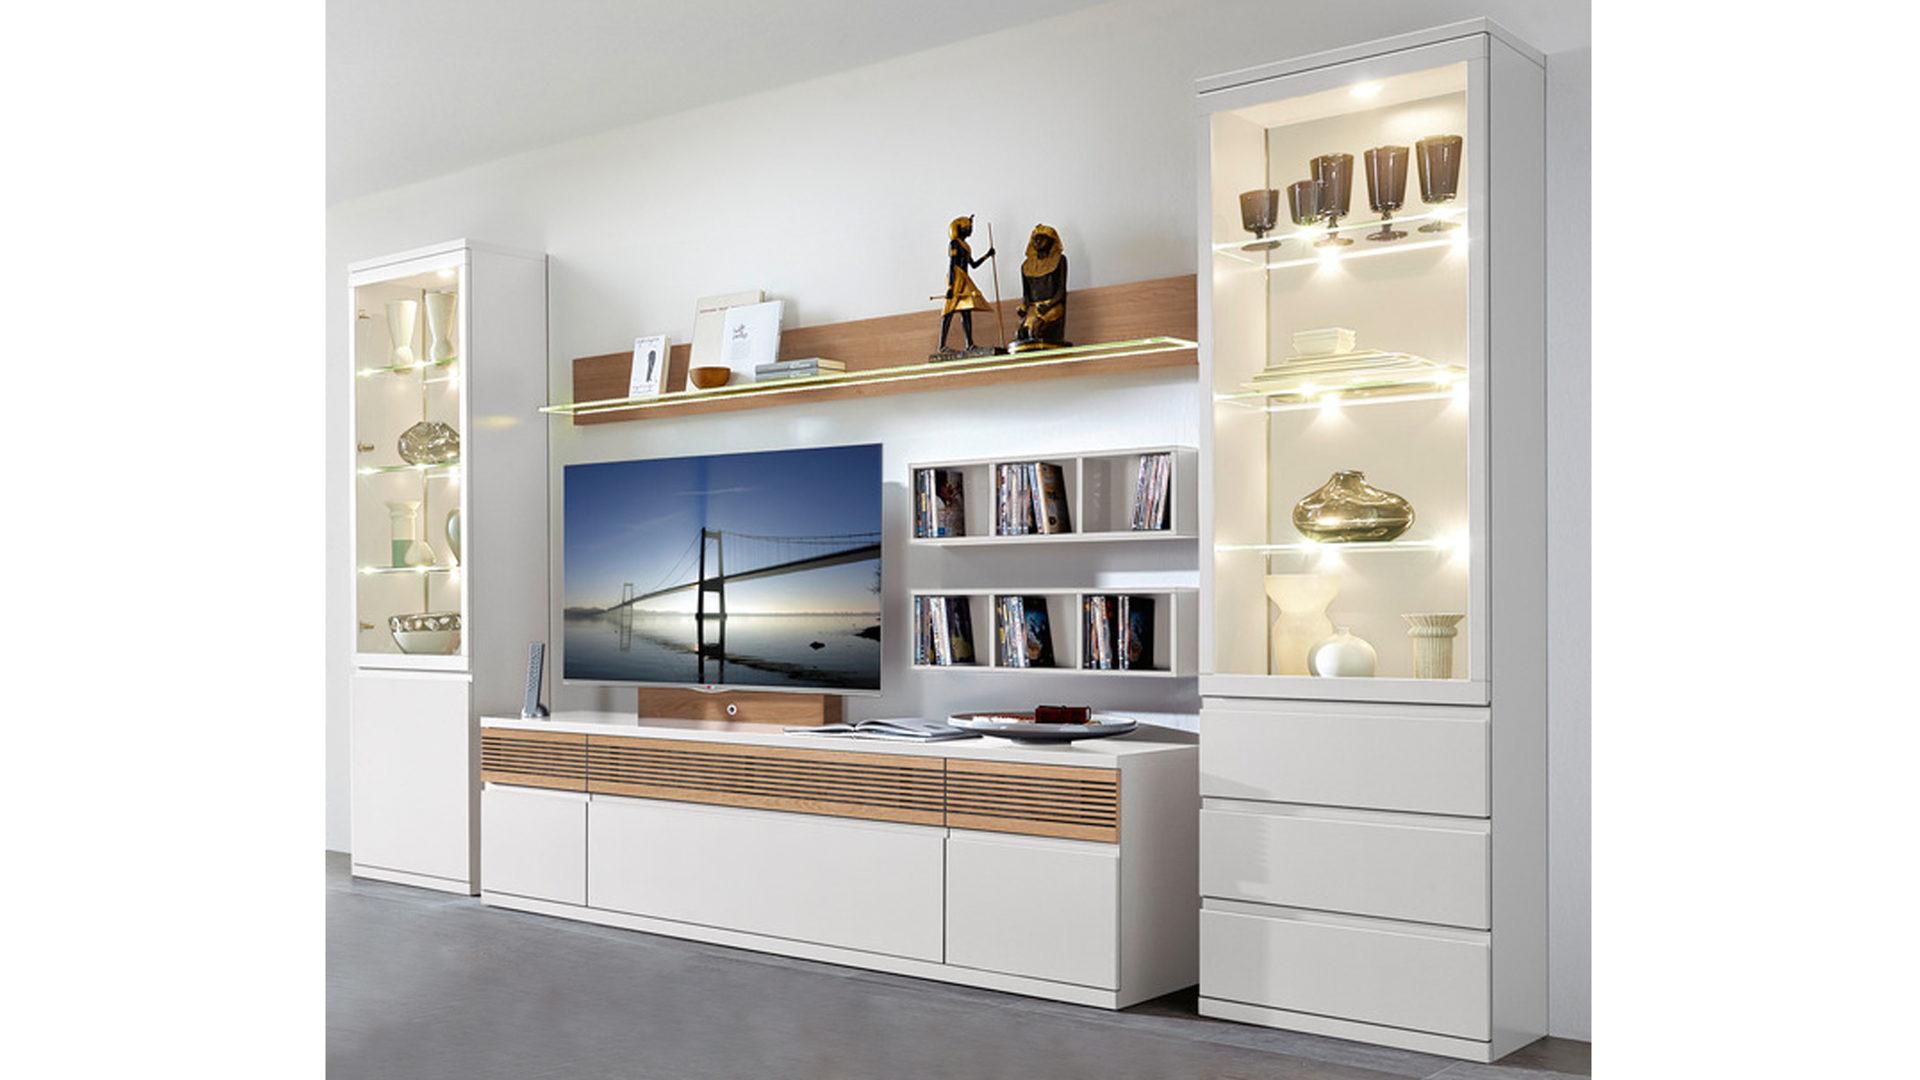 Nett Eiche Sand Möbel Katalog Fotos - Wohnzimmer Dekoration Ideen ...